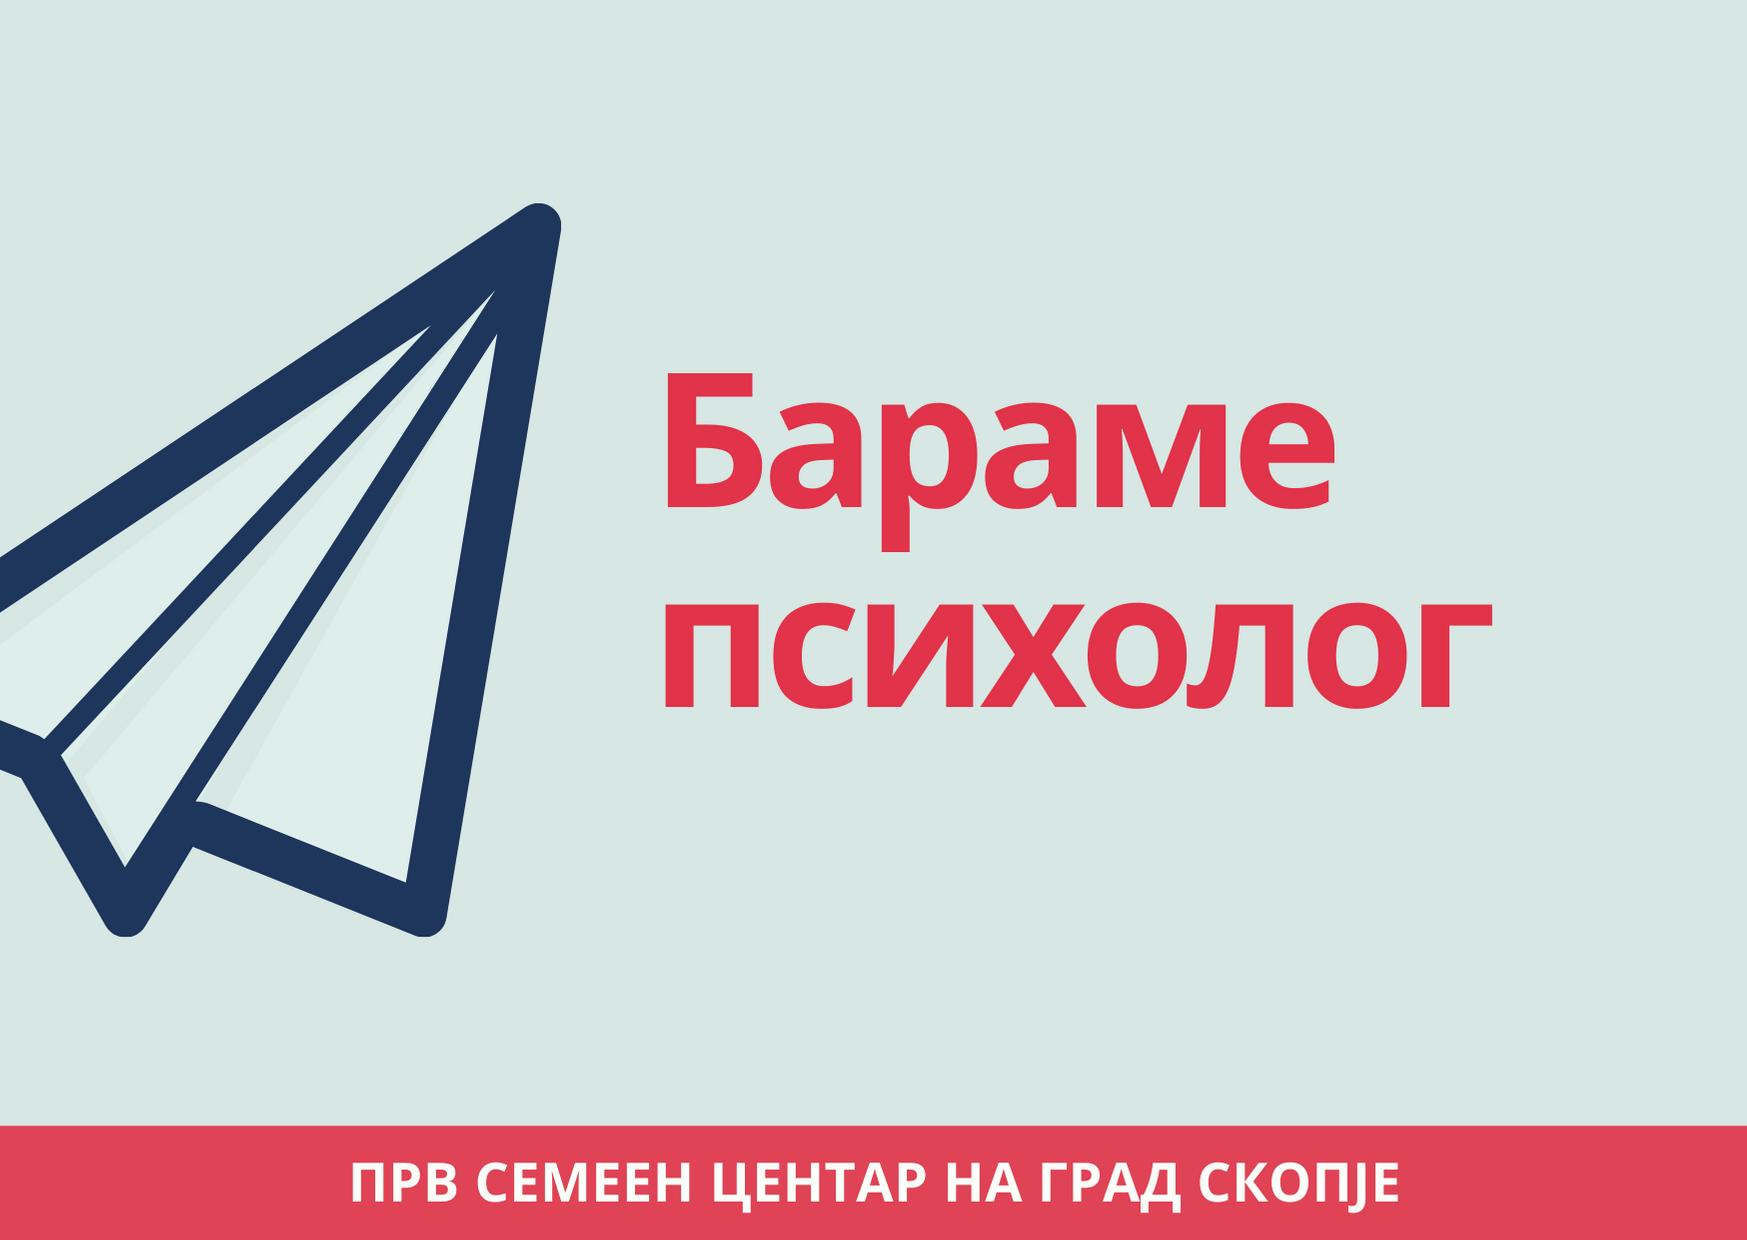 Оглас за вработување на психолог во Првиот семеен центар на Град Скопје